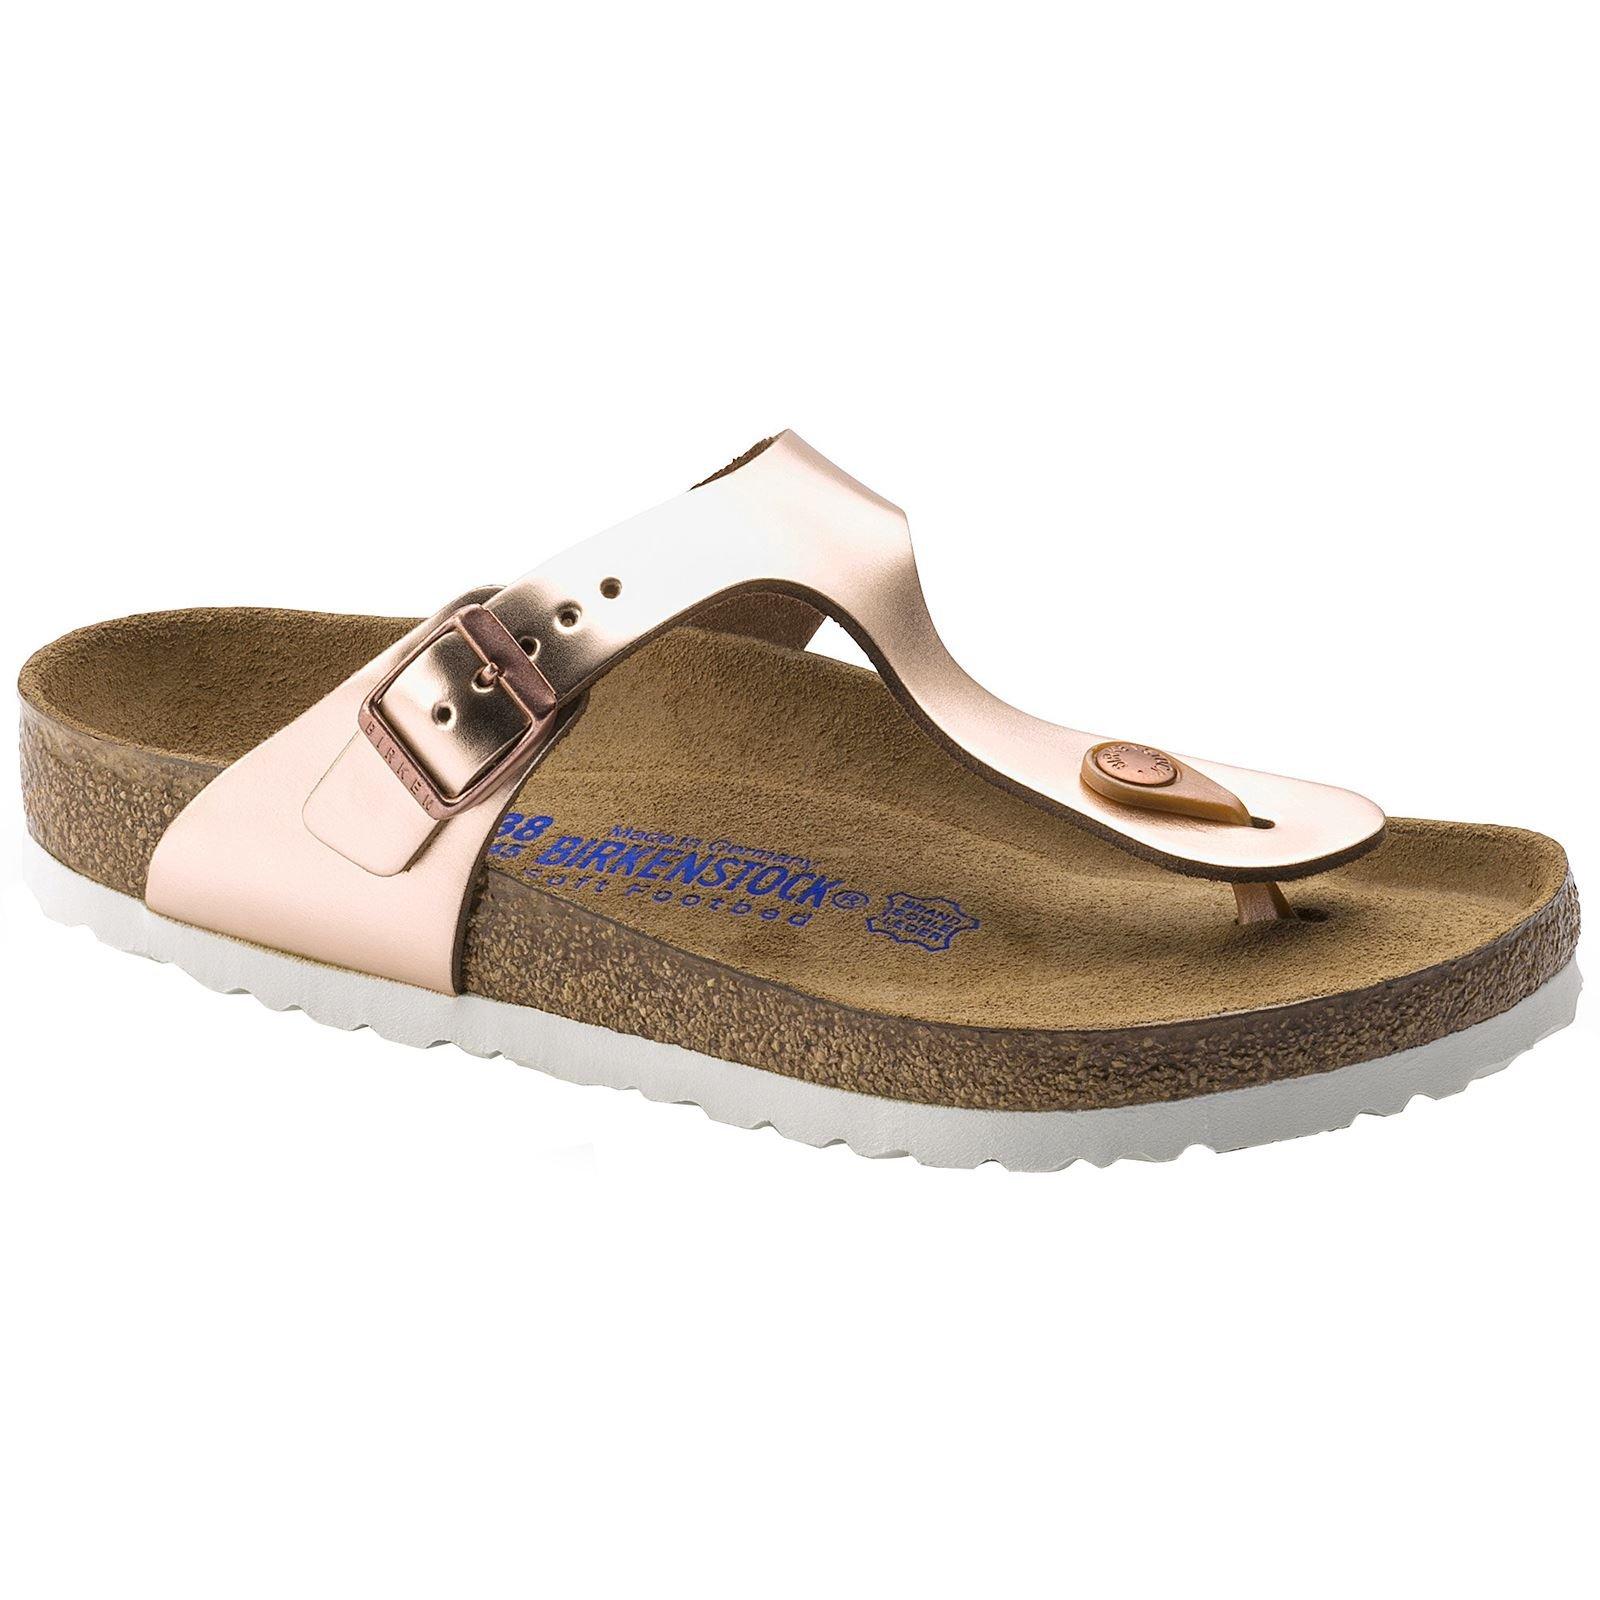 Birkenstock Women's Gizeh Soft Footbed Sandal,Metallic Copper Leather,EU 39 R